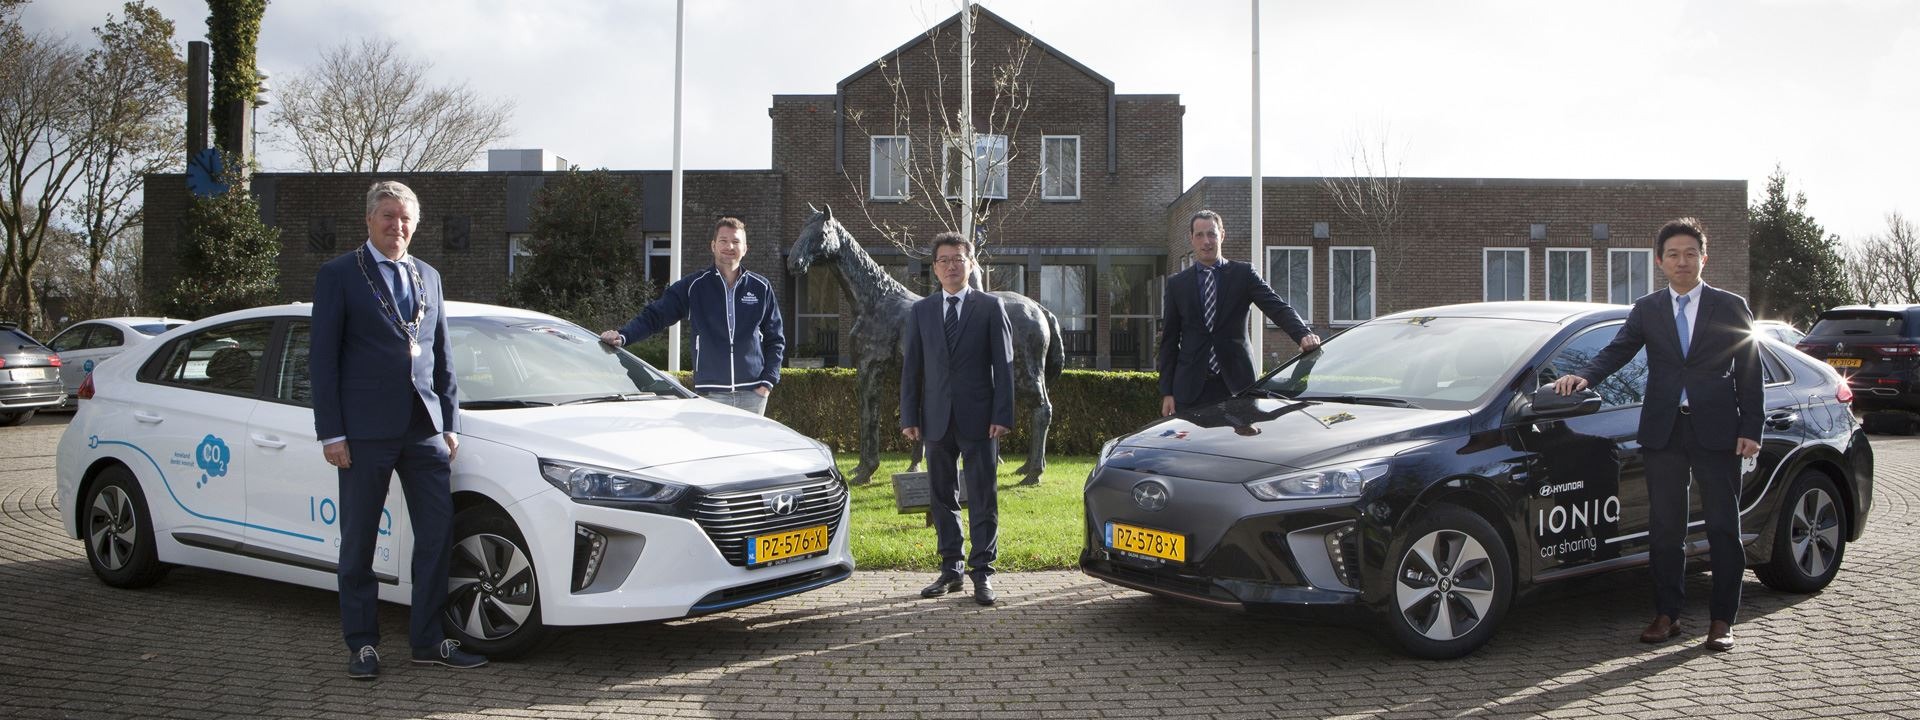 Hyundai steunt duurzame ambitie Ameland met elektrische auto's